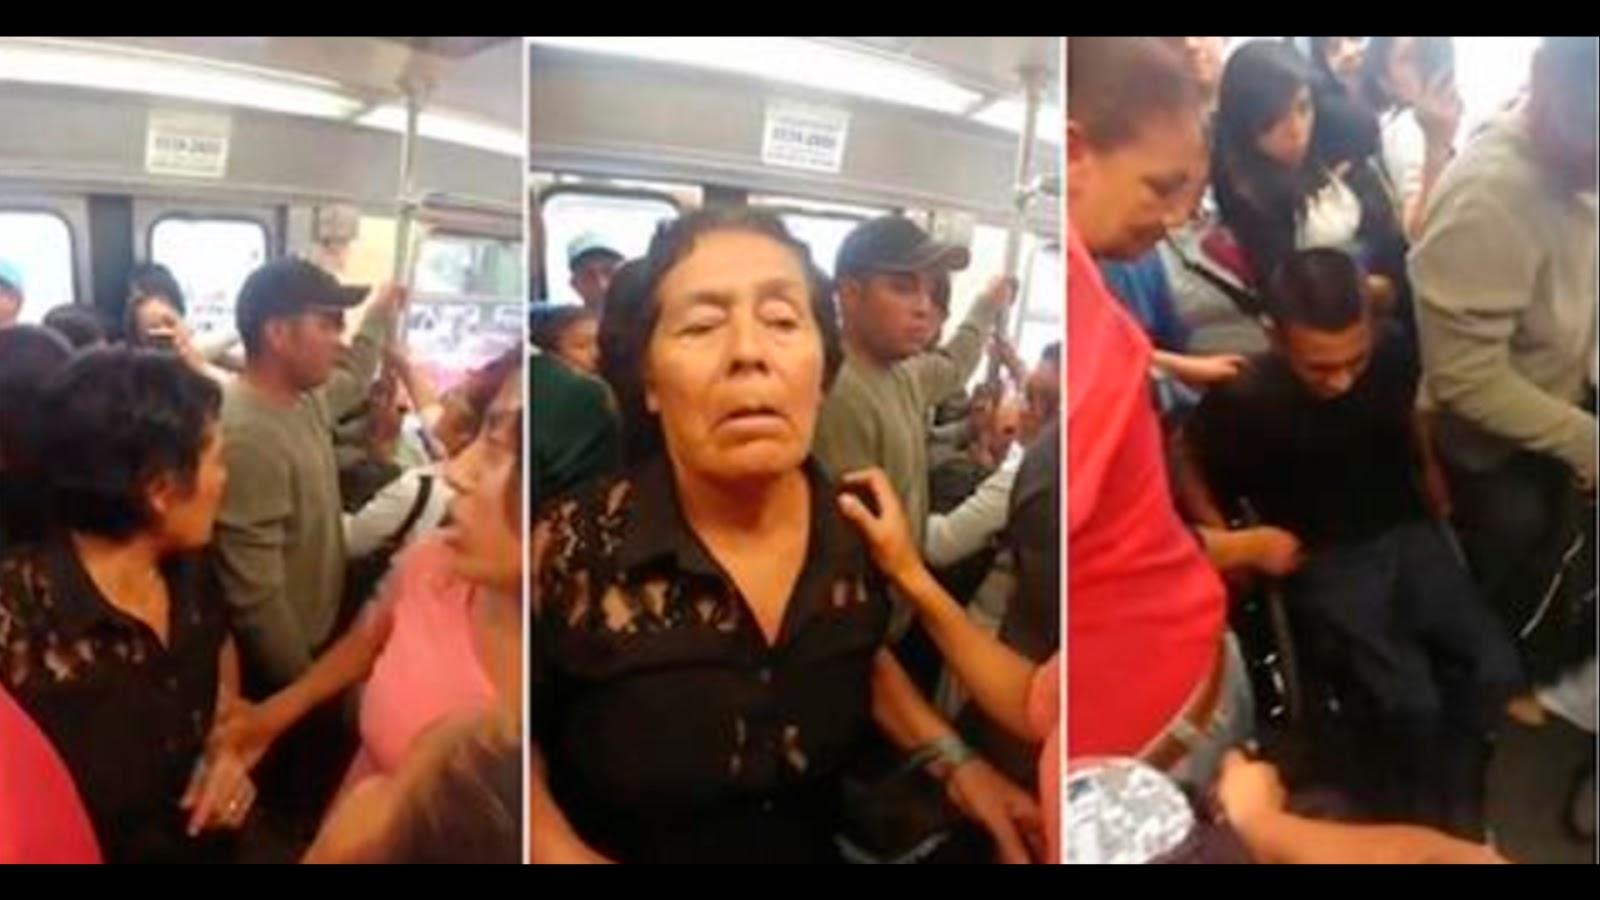 Mujeres insultan y humillan a joven con discapacidad en vagón del Tren Ligero porque les estorbaba (VIDEO)